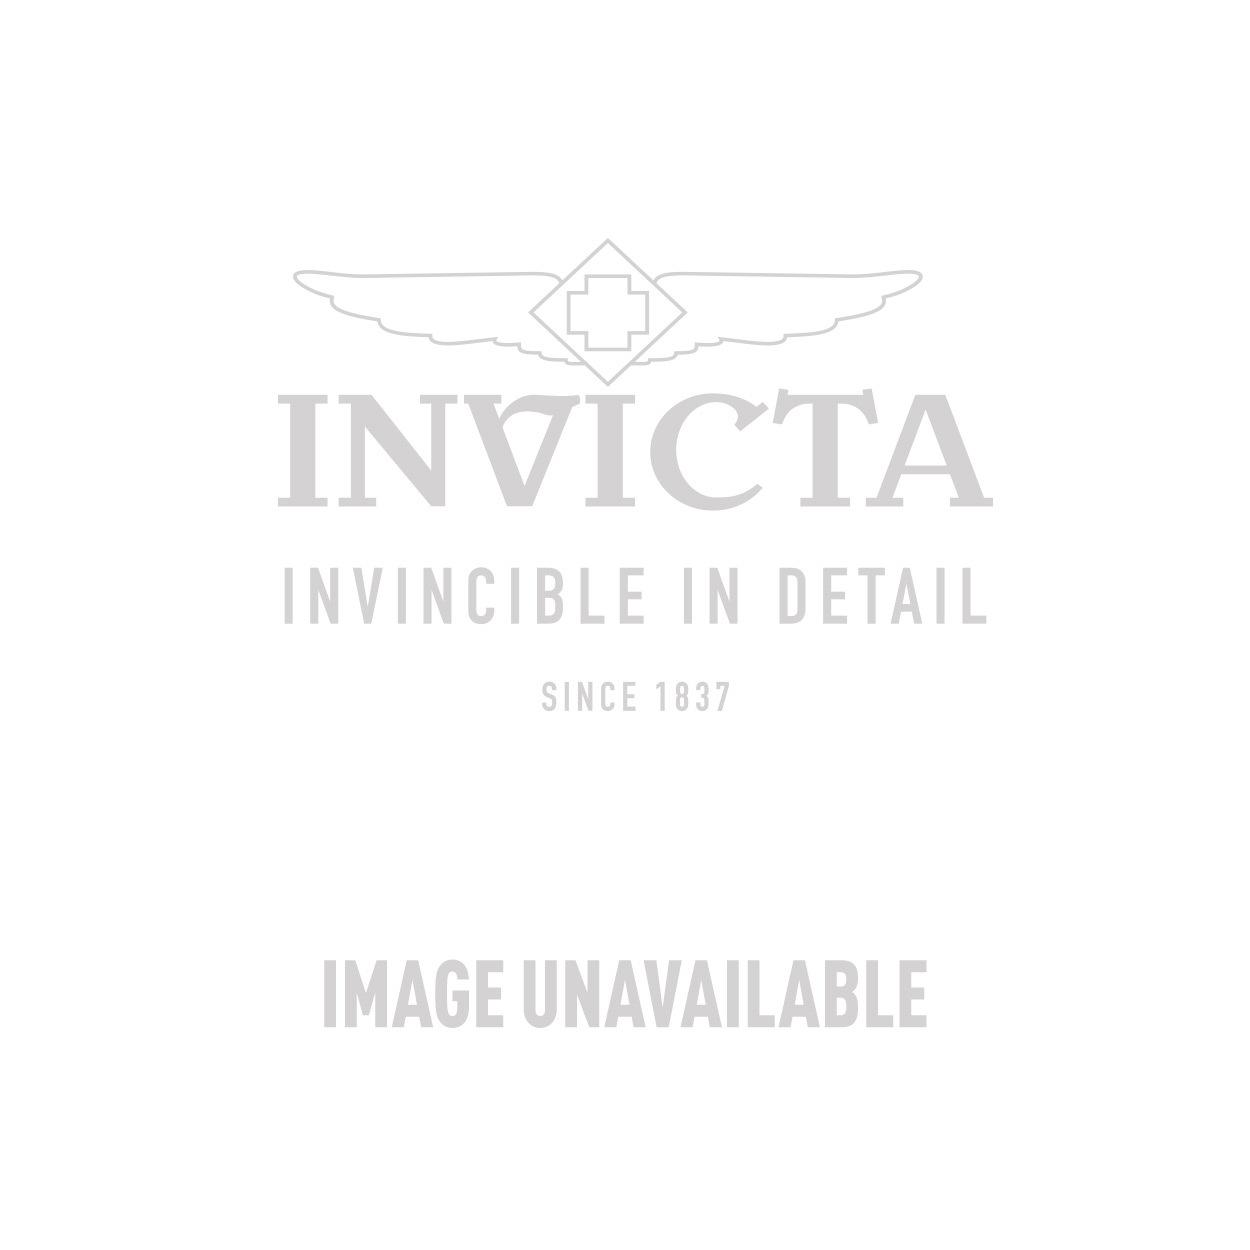 Invicta Model 25535